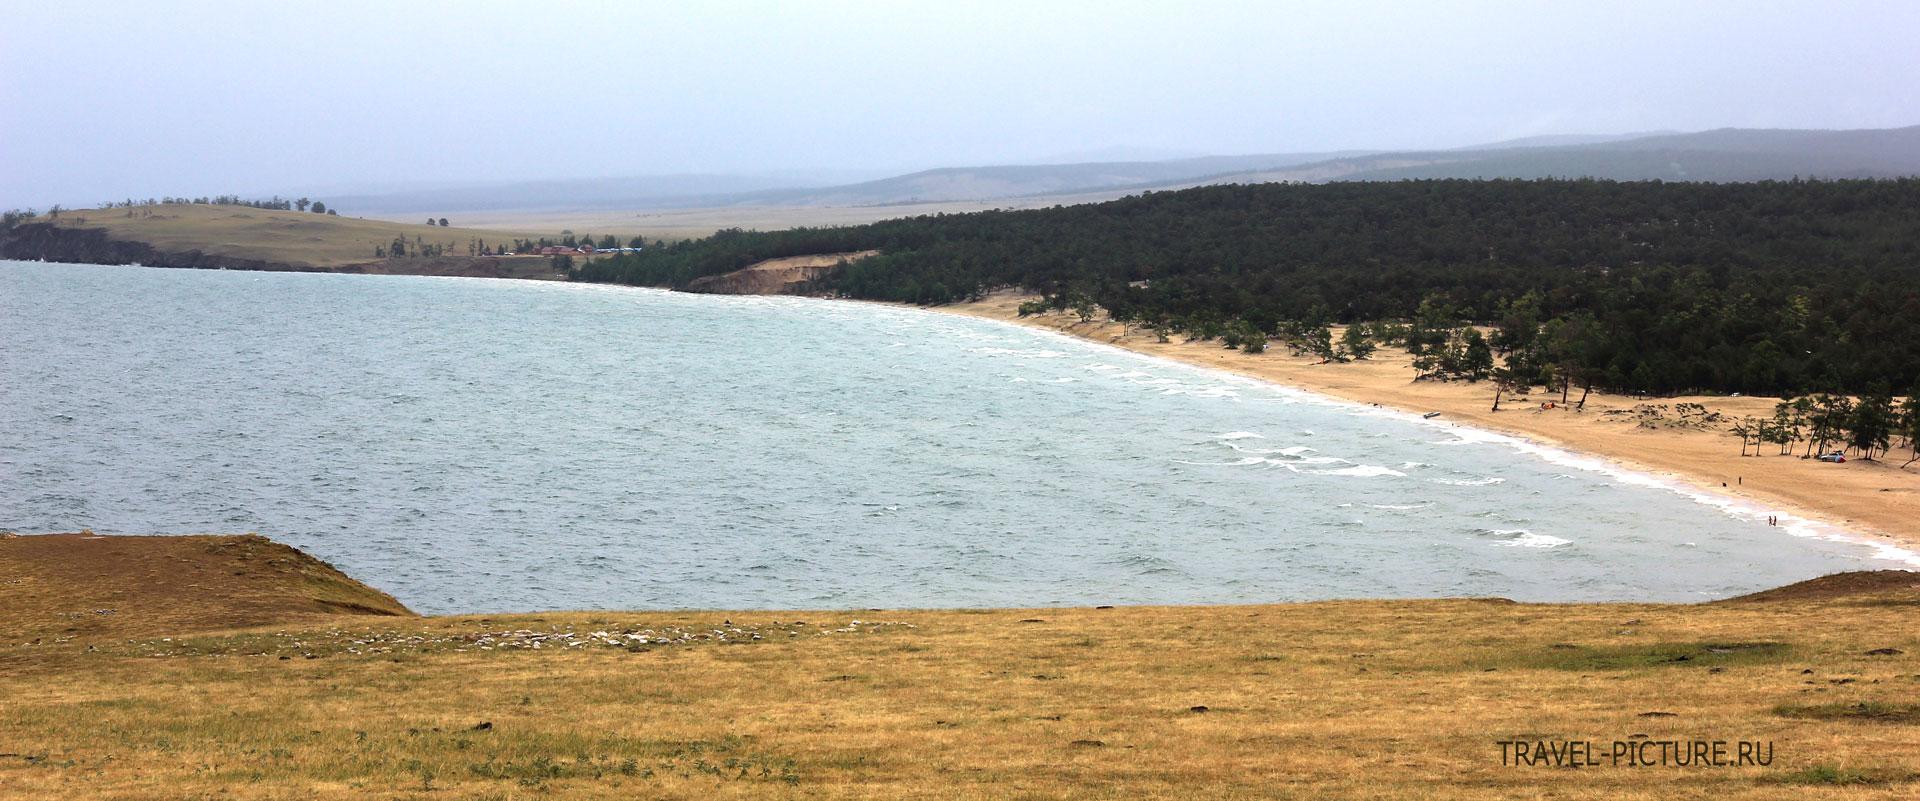 остров ольхон и экскурсии на острове ольхон